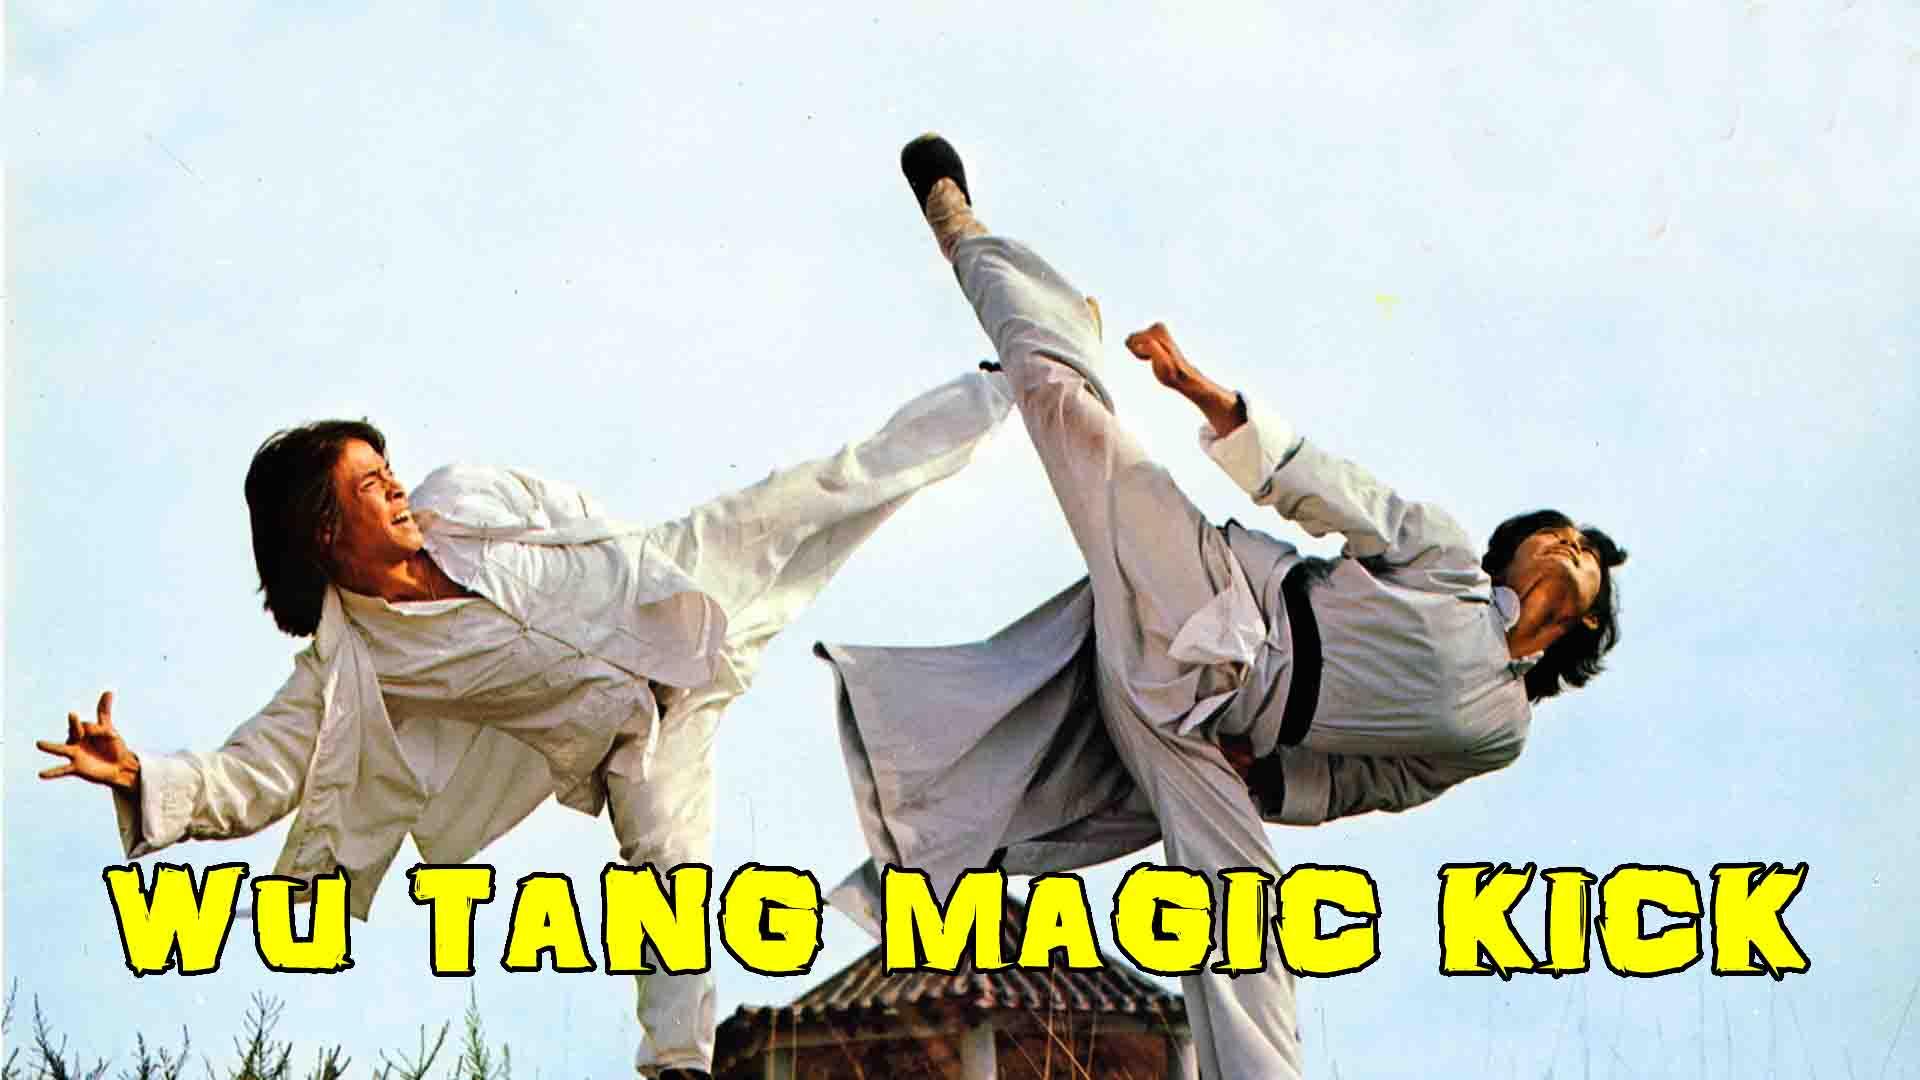 Wu Tang Magic Kick